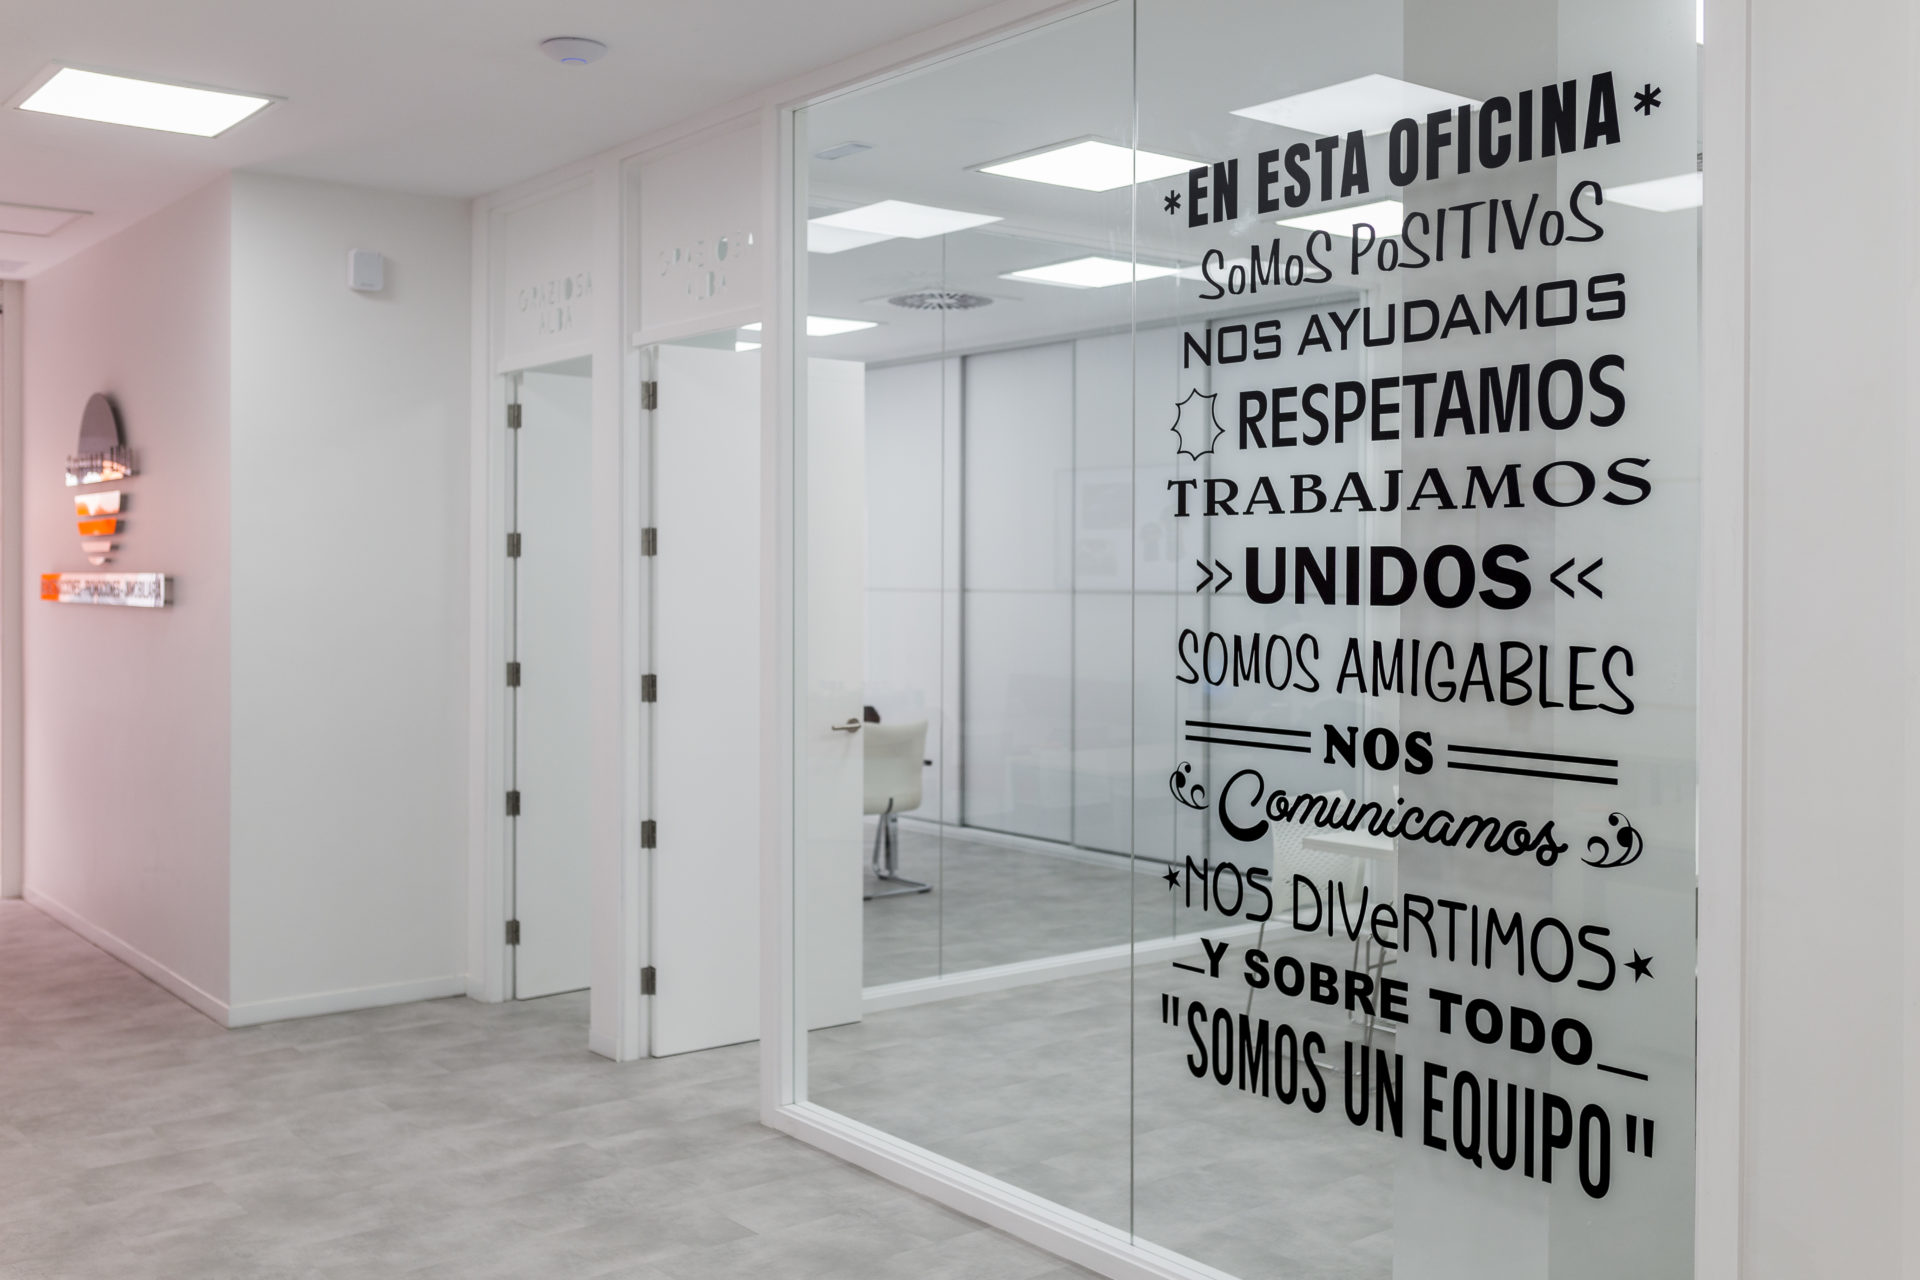 Rehabilitación, reformas, constructora Las Palmas